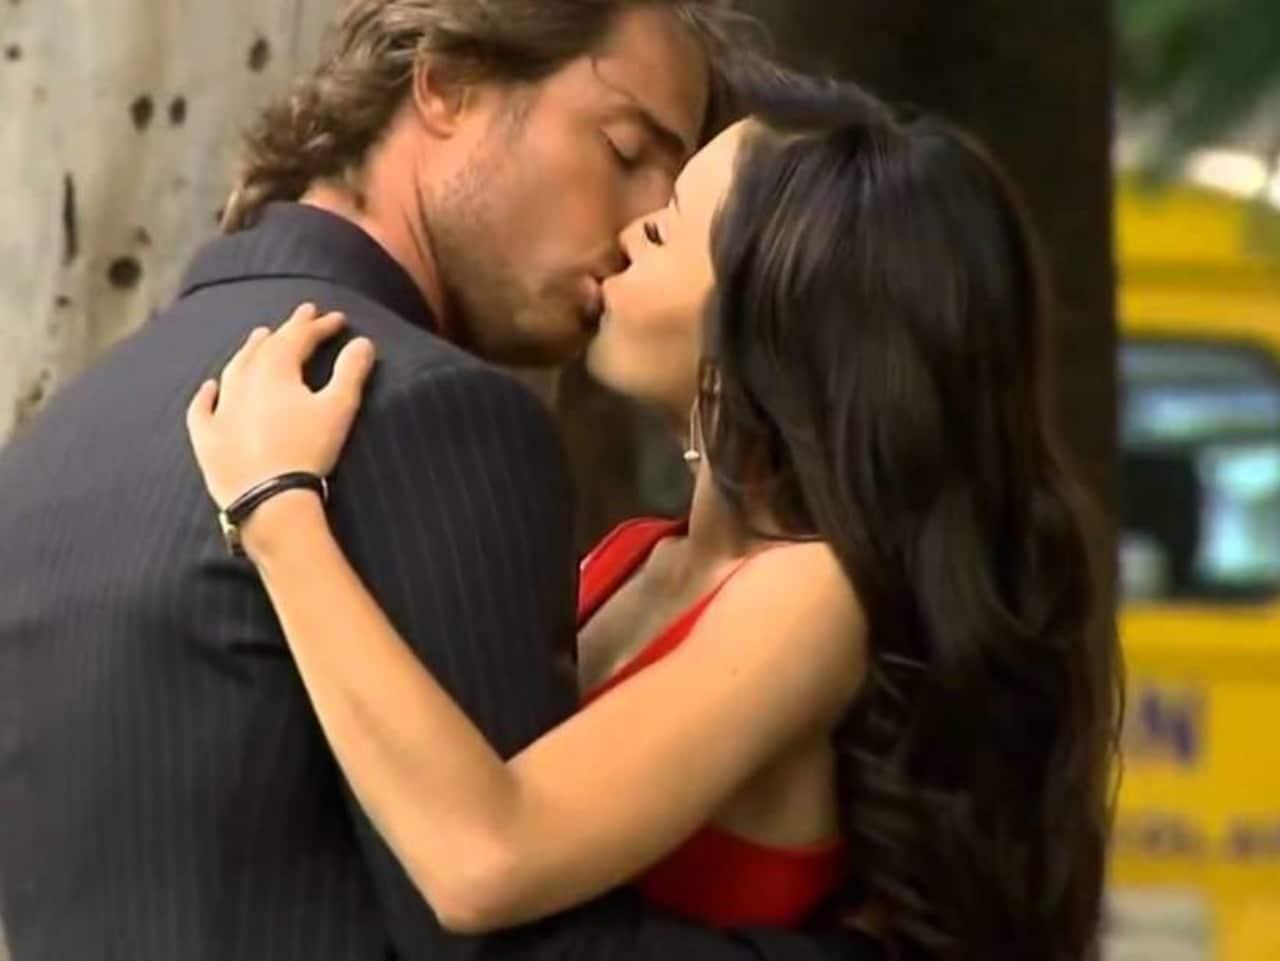 Teresa y Arturo beso